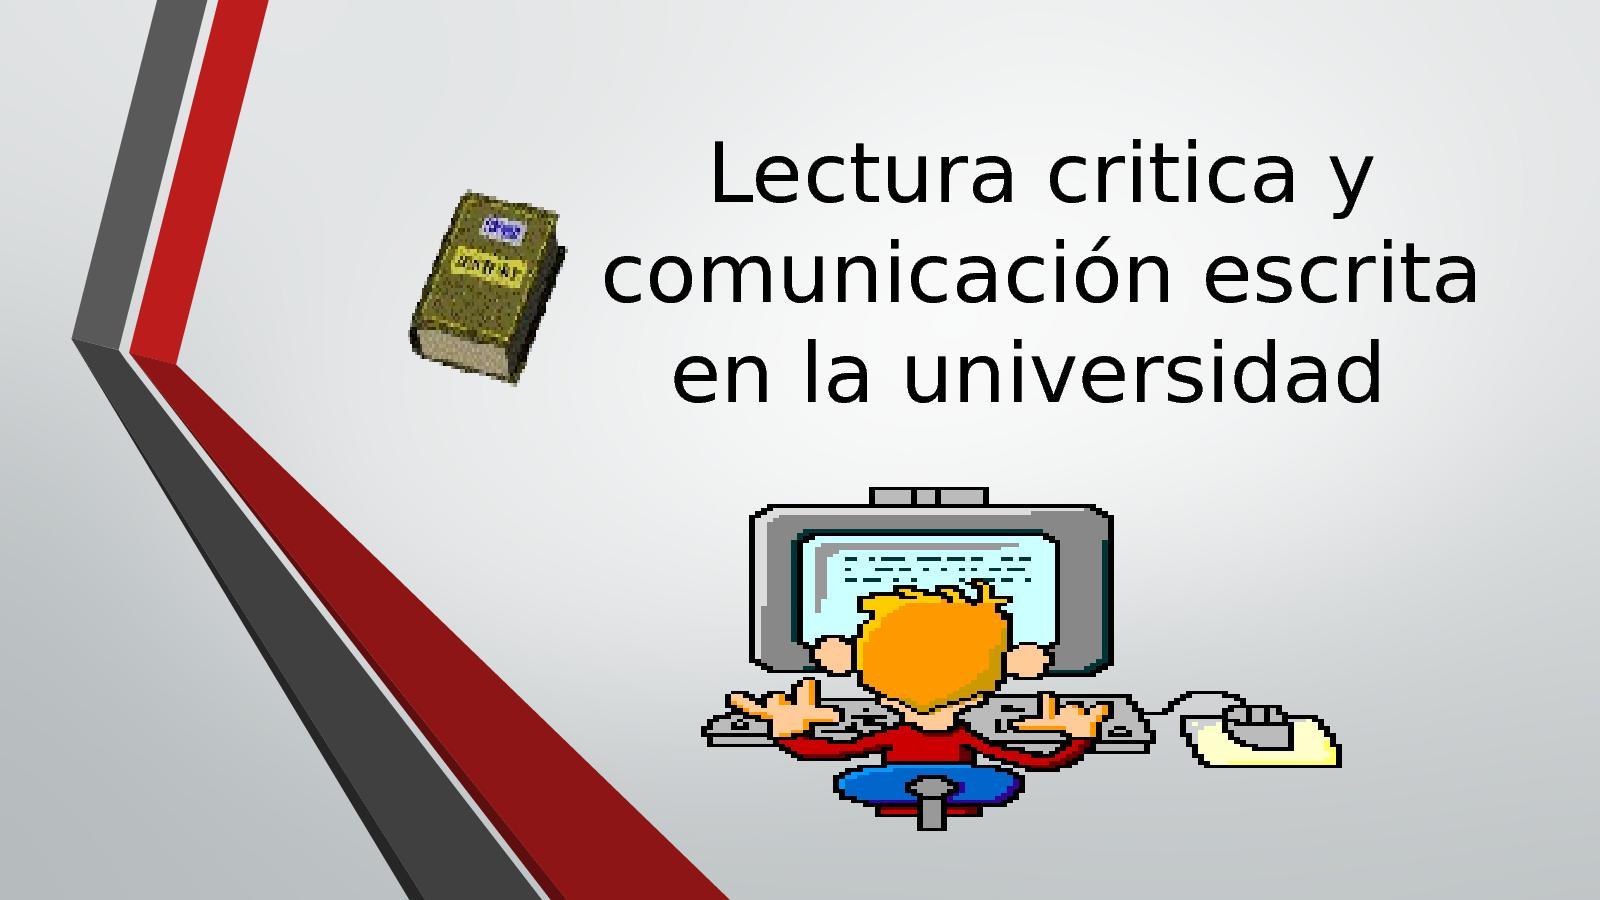 Lectura Critica Y Comunicación Escrita